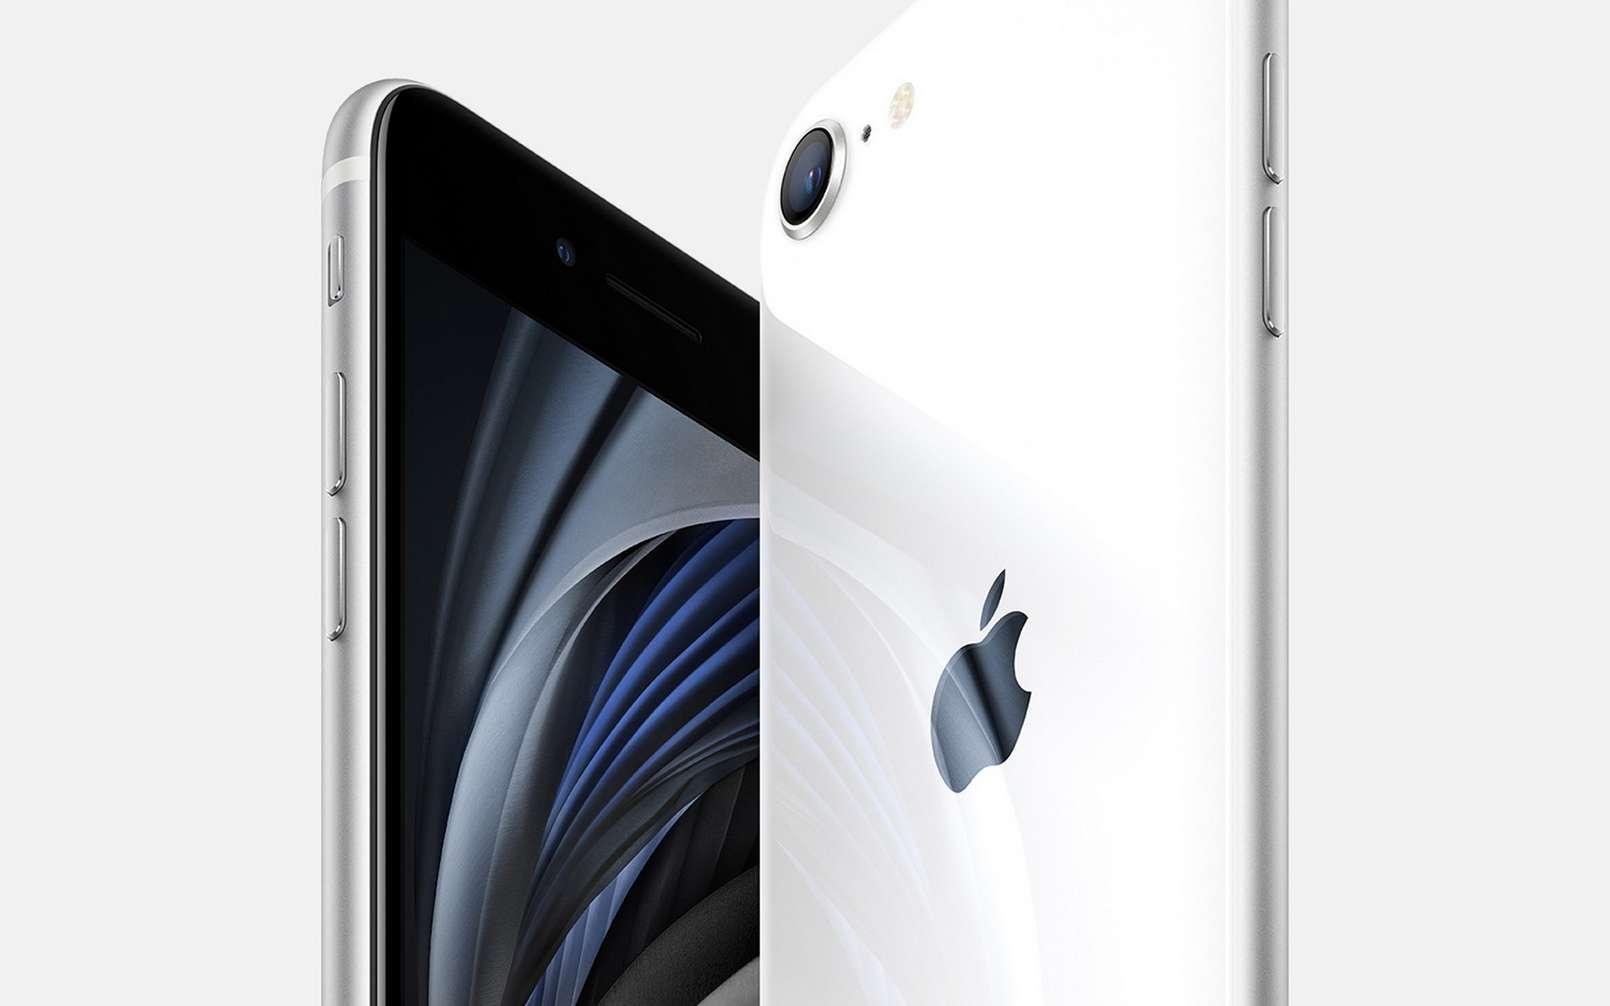 Les iMessage permettent d'envoyer des SMS enrichis avec des smileys, des photos ou autres éléments multimédia © Apple